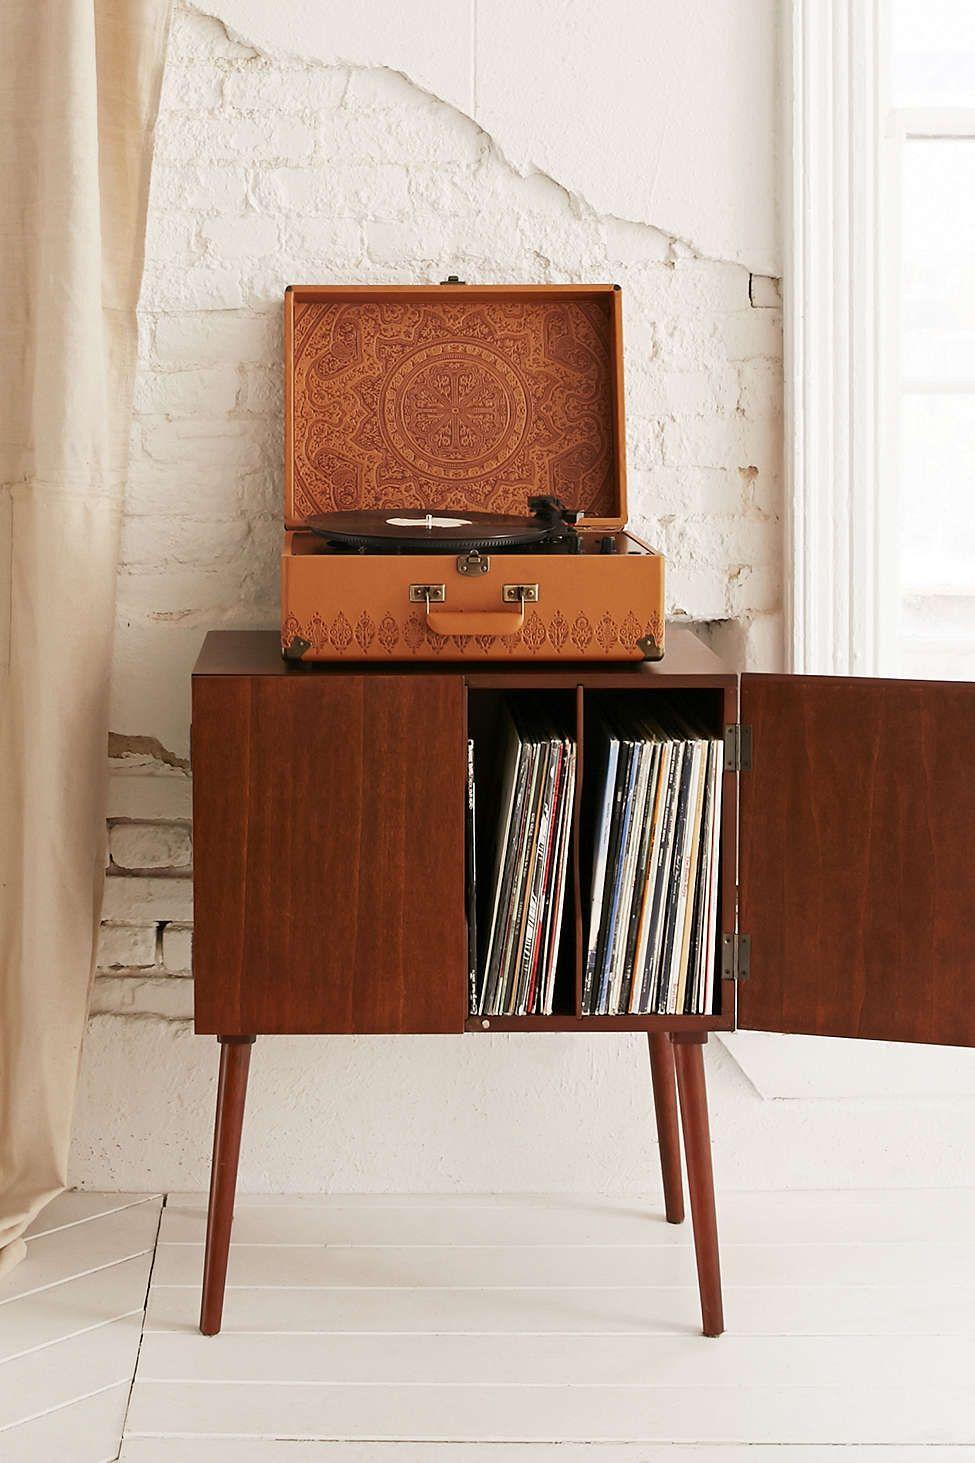 Assembly Home Mid Century Vinyl Record Media Console Armazenamento De Discos De Vinil Restauracao De Moveis Ideias Para O Lar